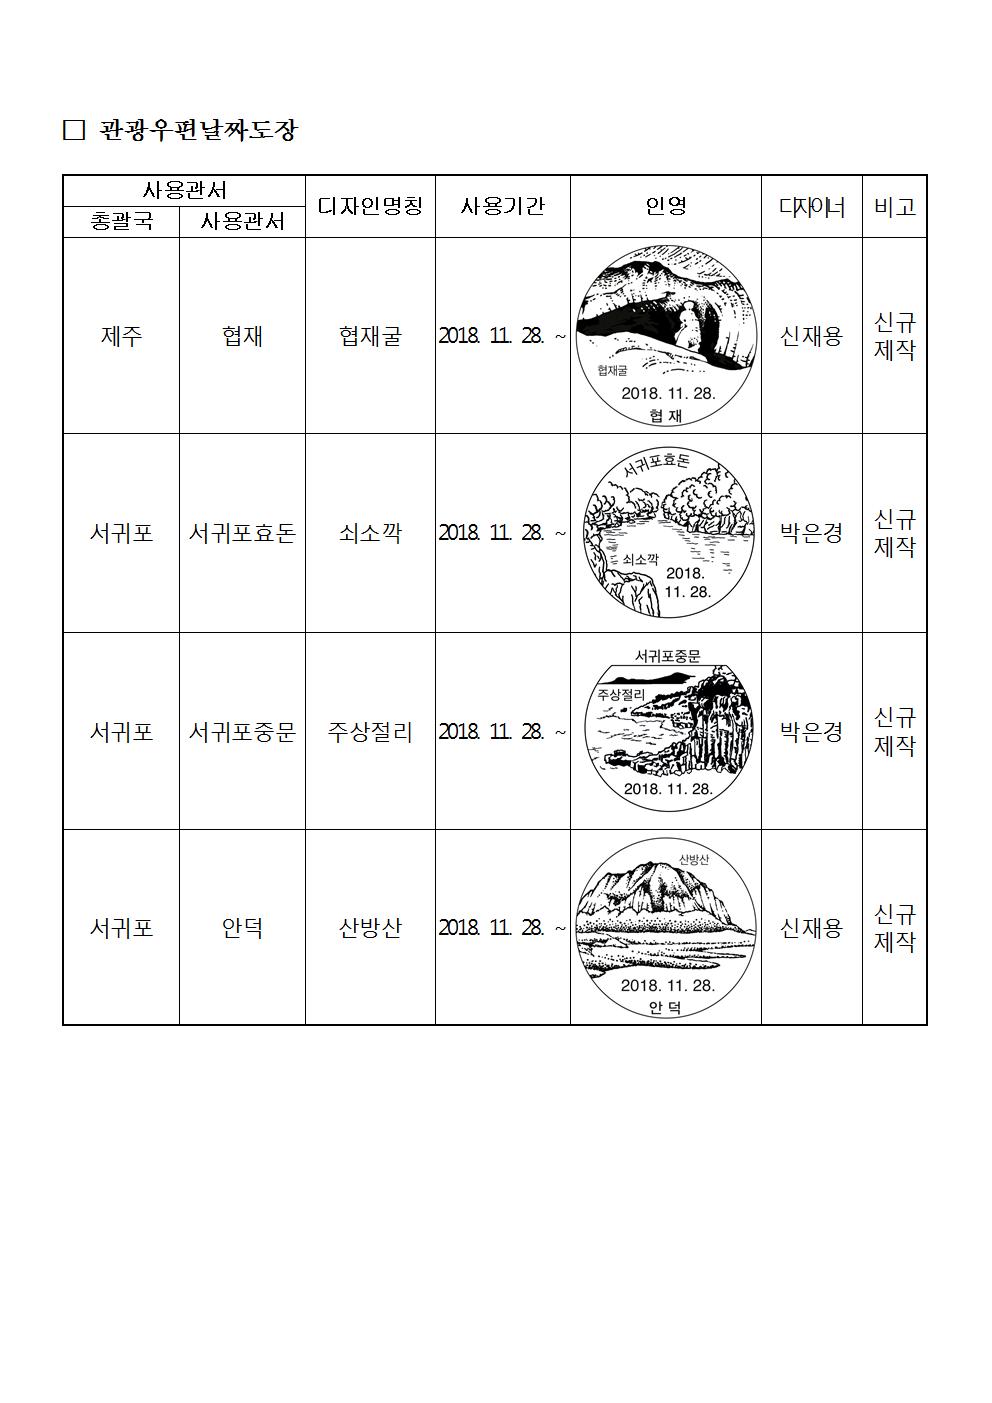 우정사업본부 공고 제2018-135호(기념 및 관광우편날짜도장 사용공고)002.png